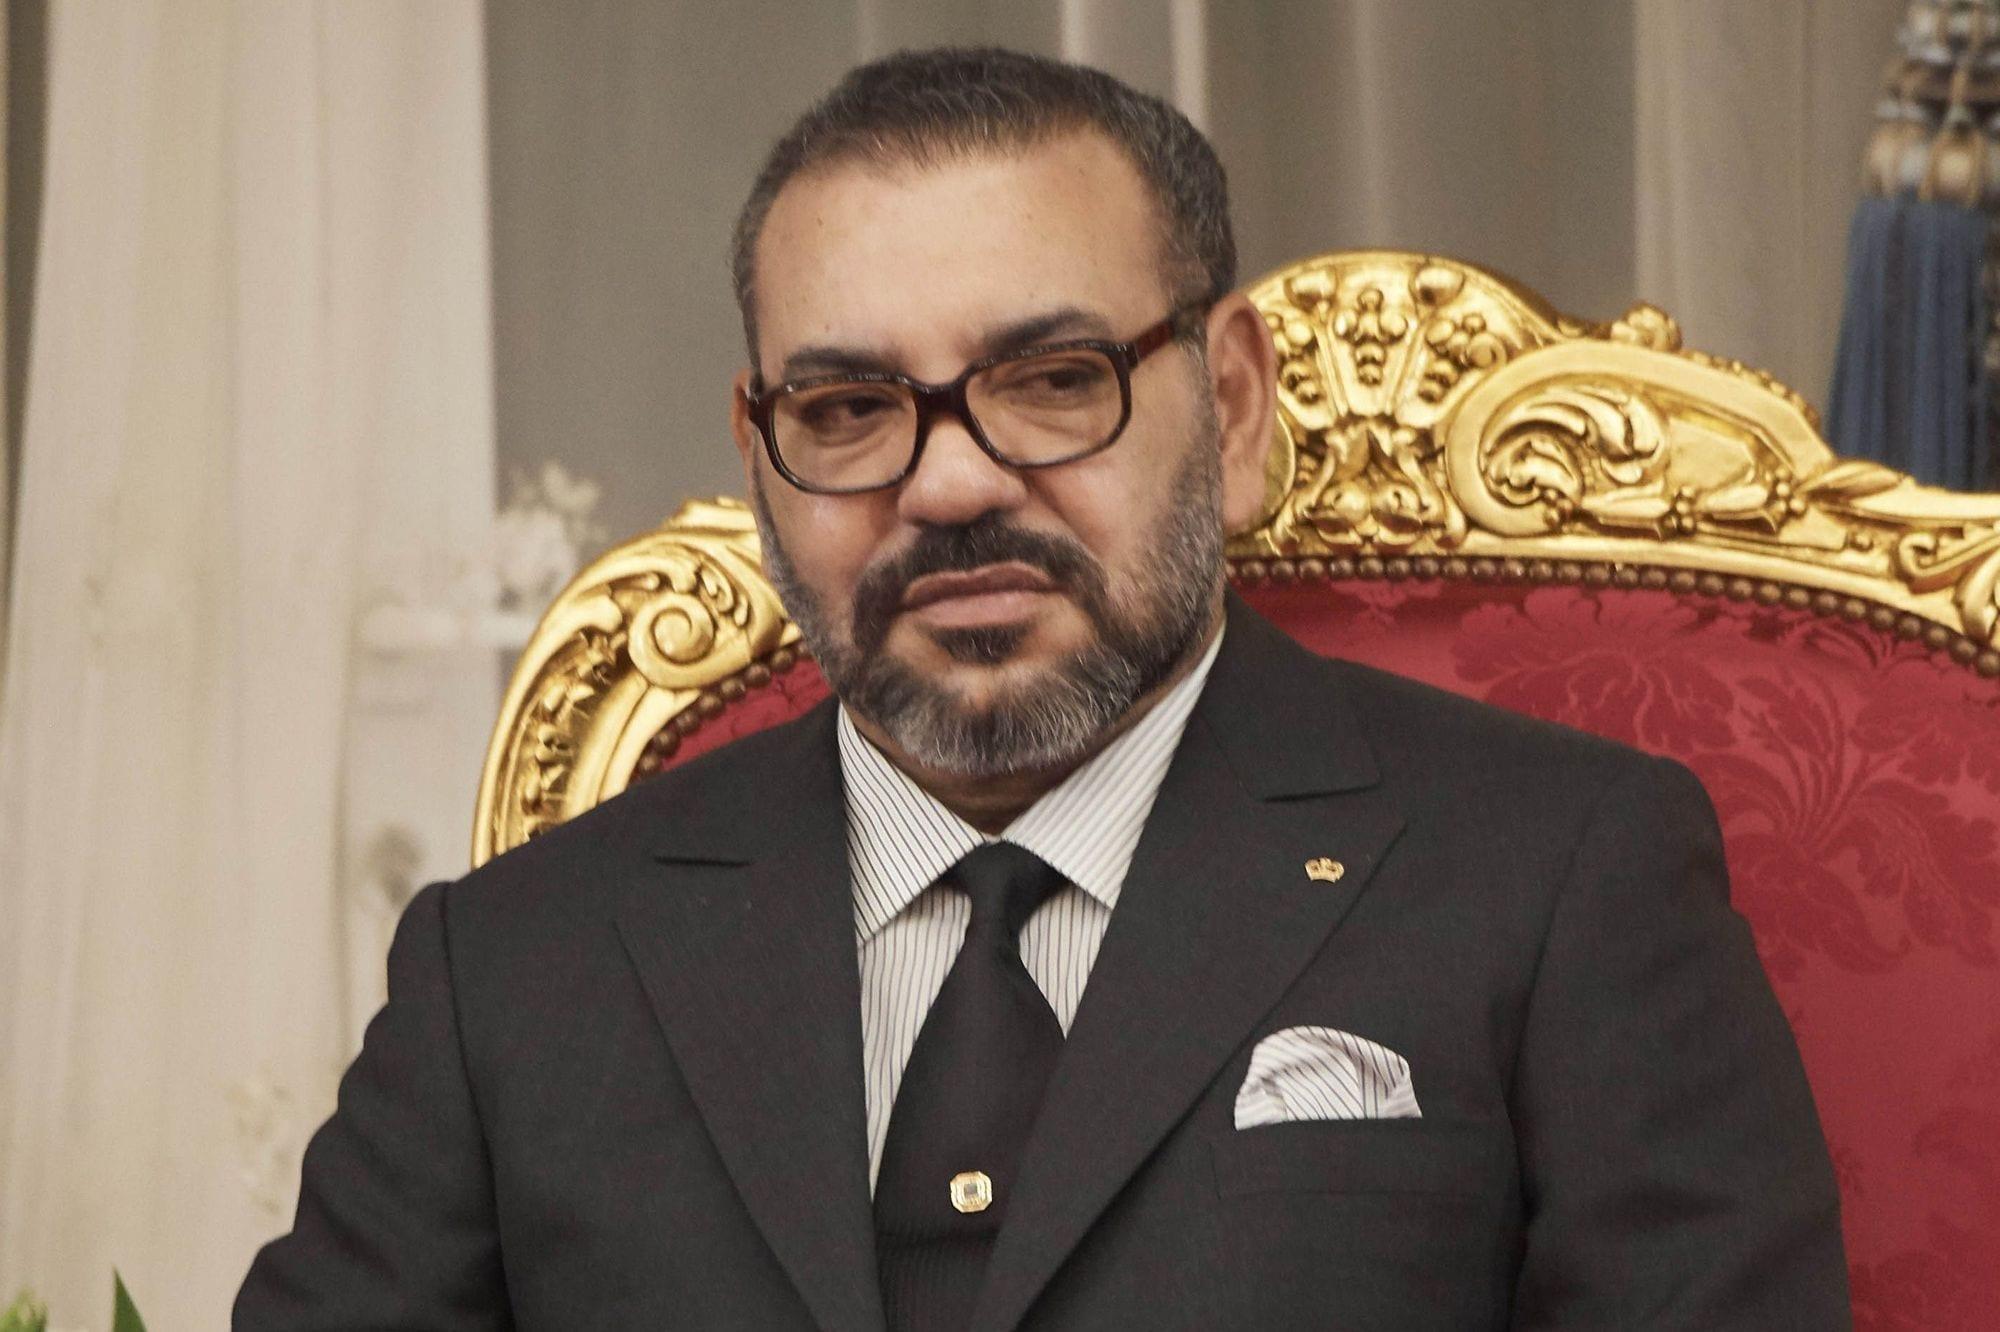 L'homosexualité du roi du Maroc lui coûte son mariage